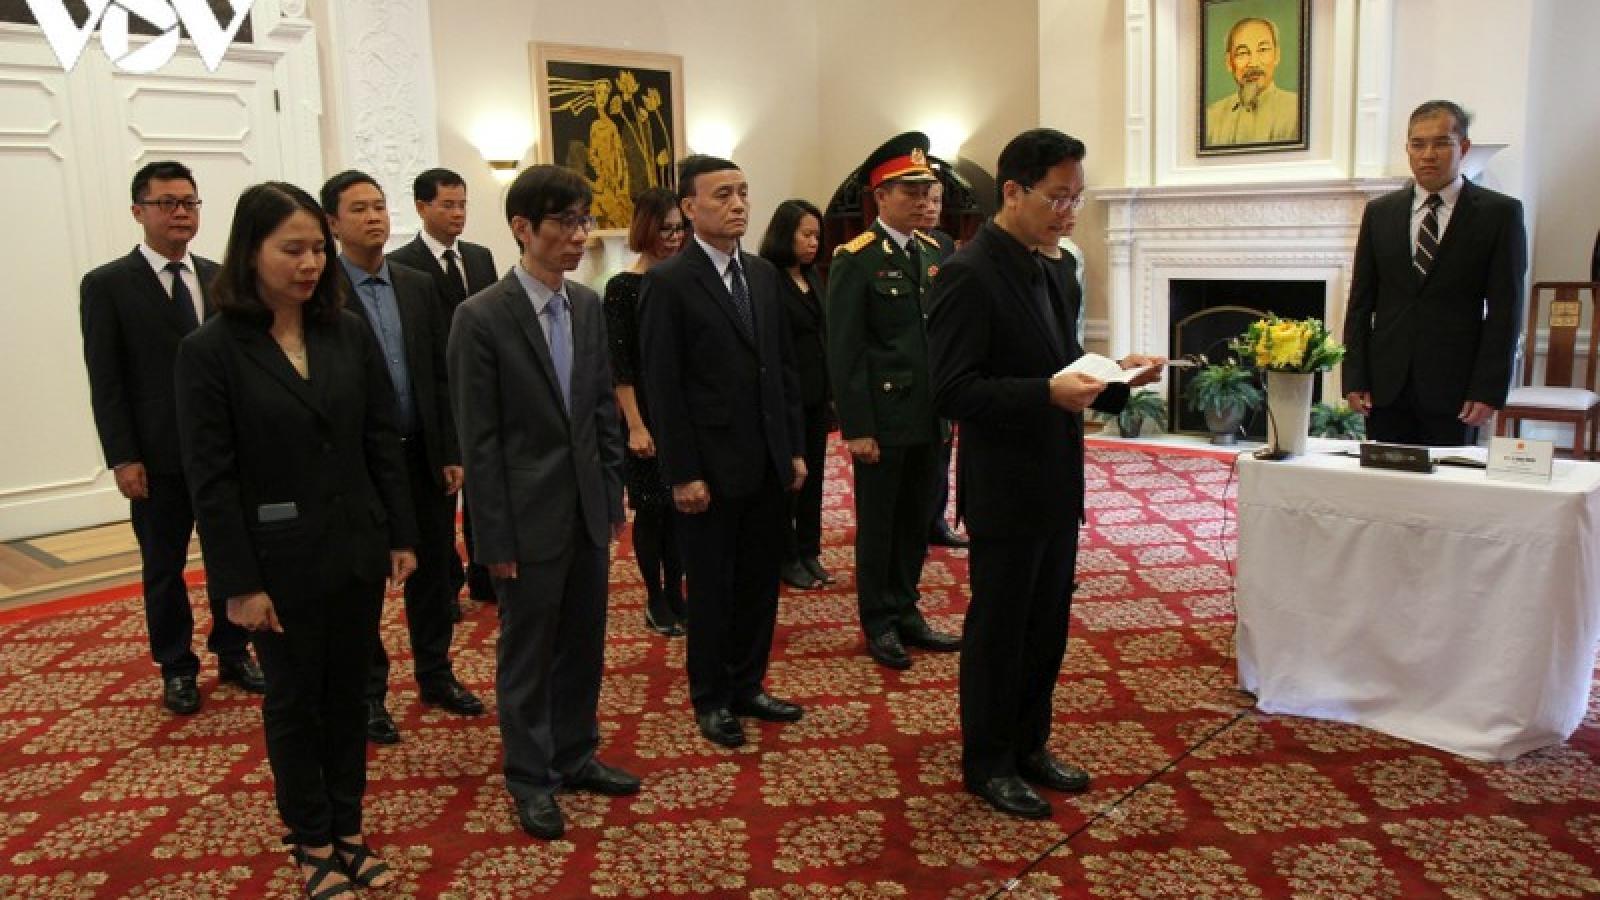 ĐSQ Việt Nam tại Mỹ tổ chức lễ viếng nguyên Tổng Bí thư Lê Khả Phiêu